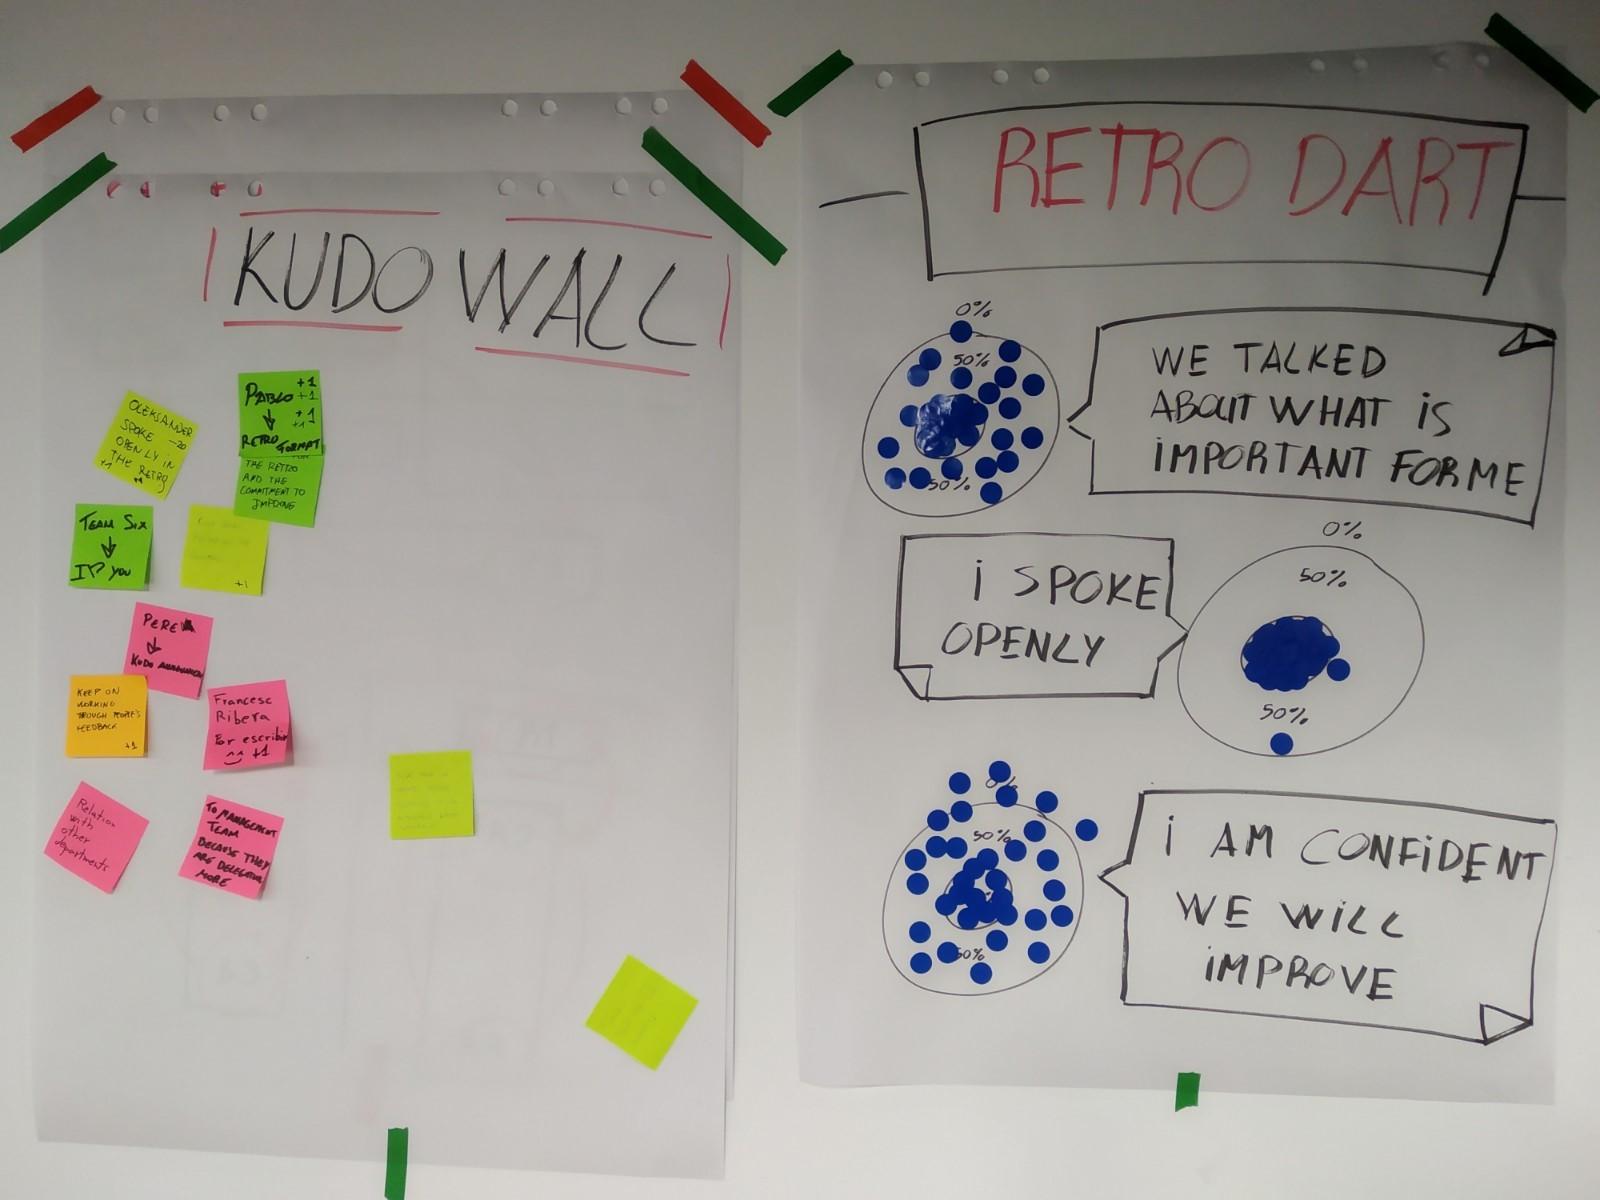 2 paneles de papel con las dinámicas de Retro Dart y Kudo Wall.